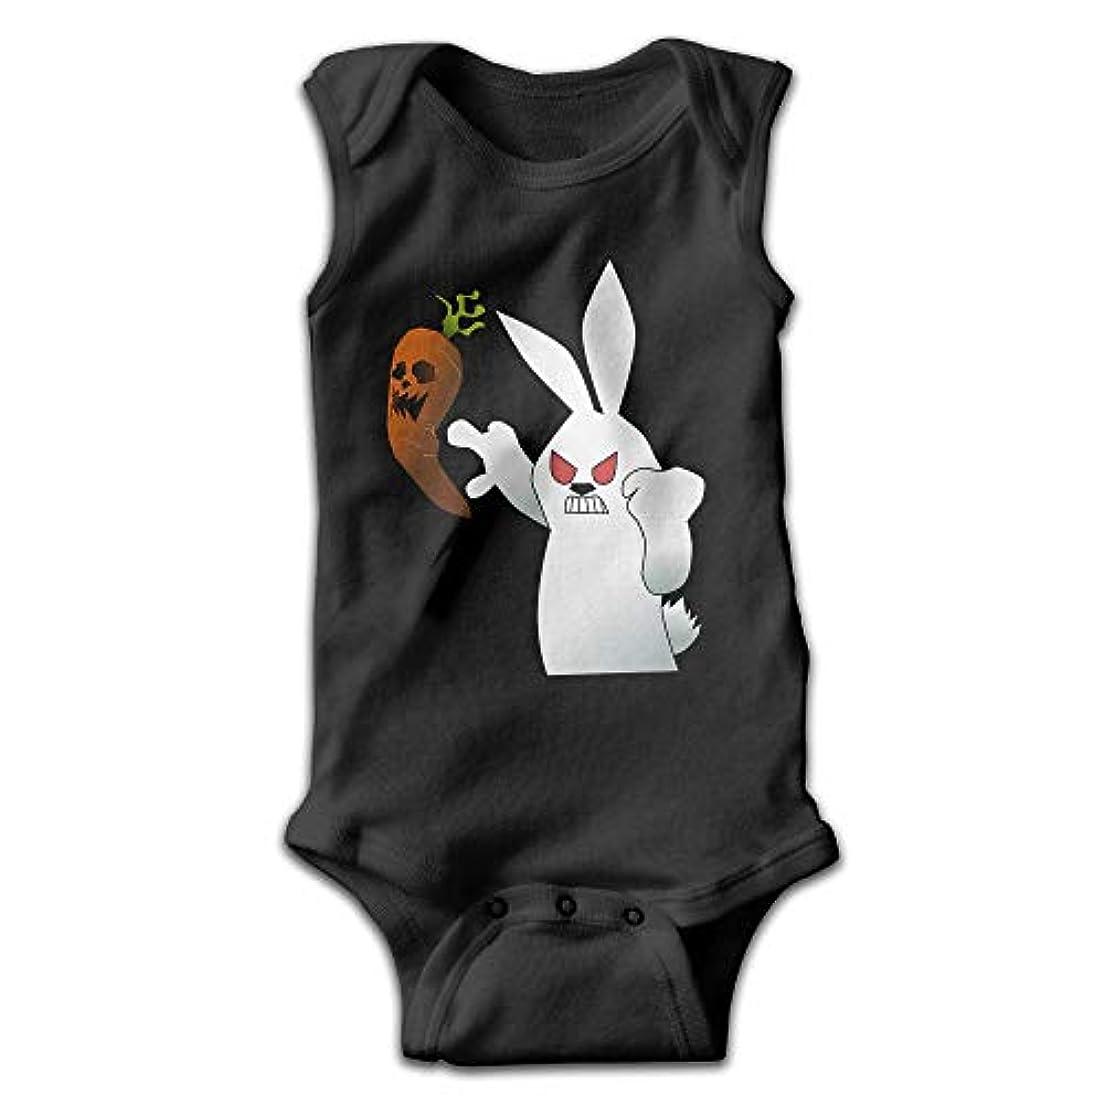 スペードお世話になった収縮ベビーワンシーガールボーイ衣装ベビージャンプスーツクリーパーノースリーブハロウィンニンジンと怒っているウサギ